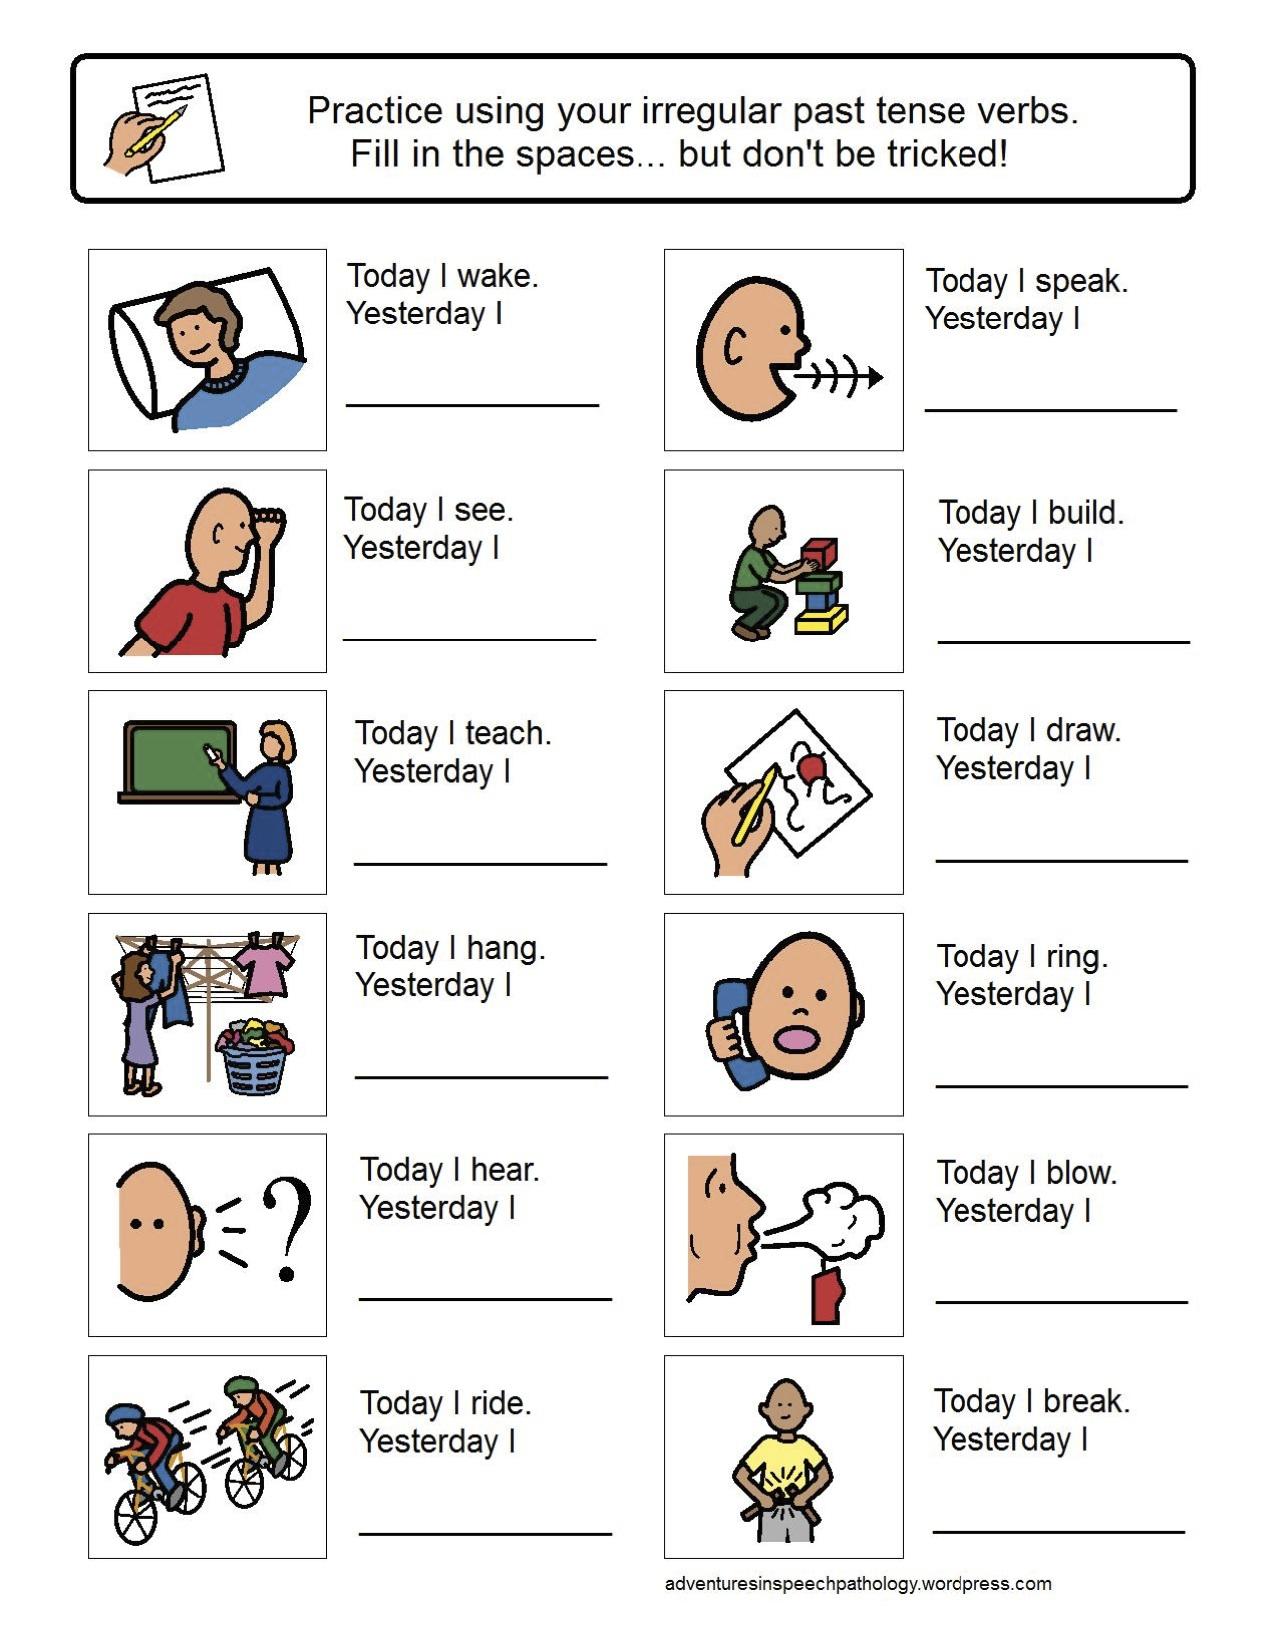 35 Best Irregular Past Tense Verbs Images